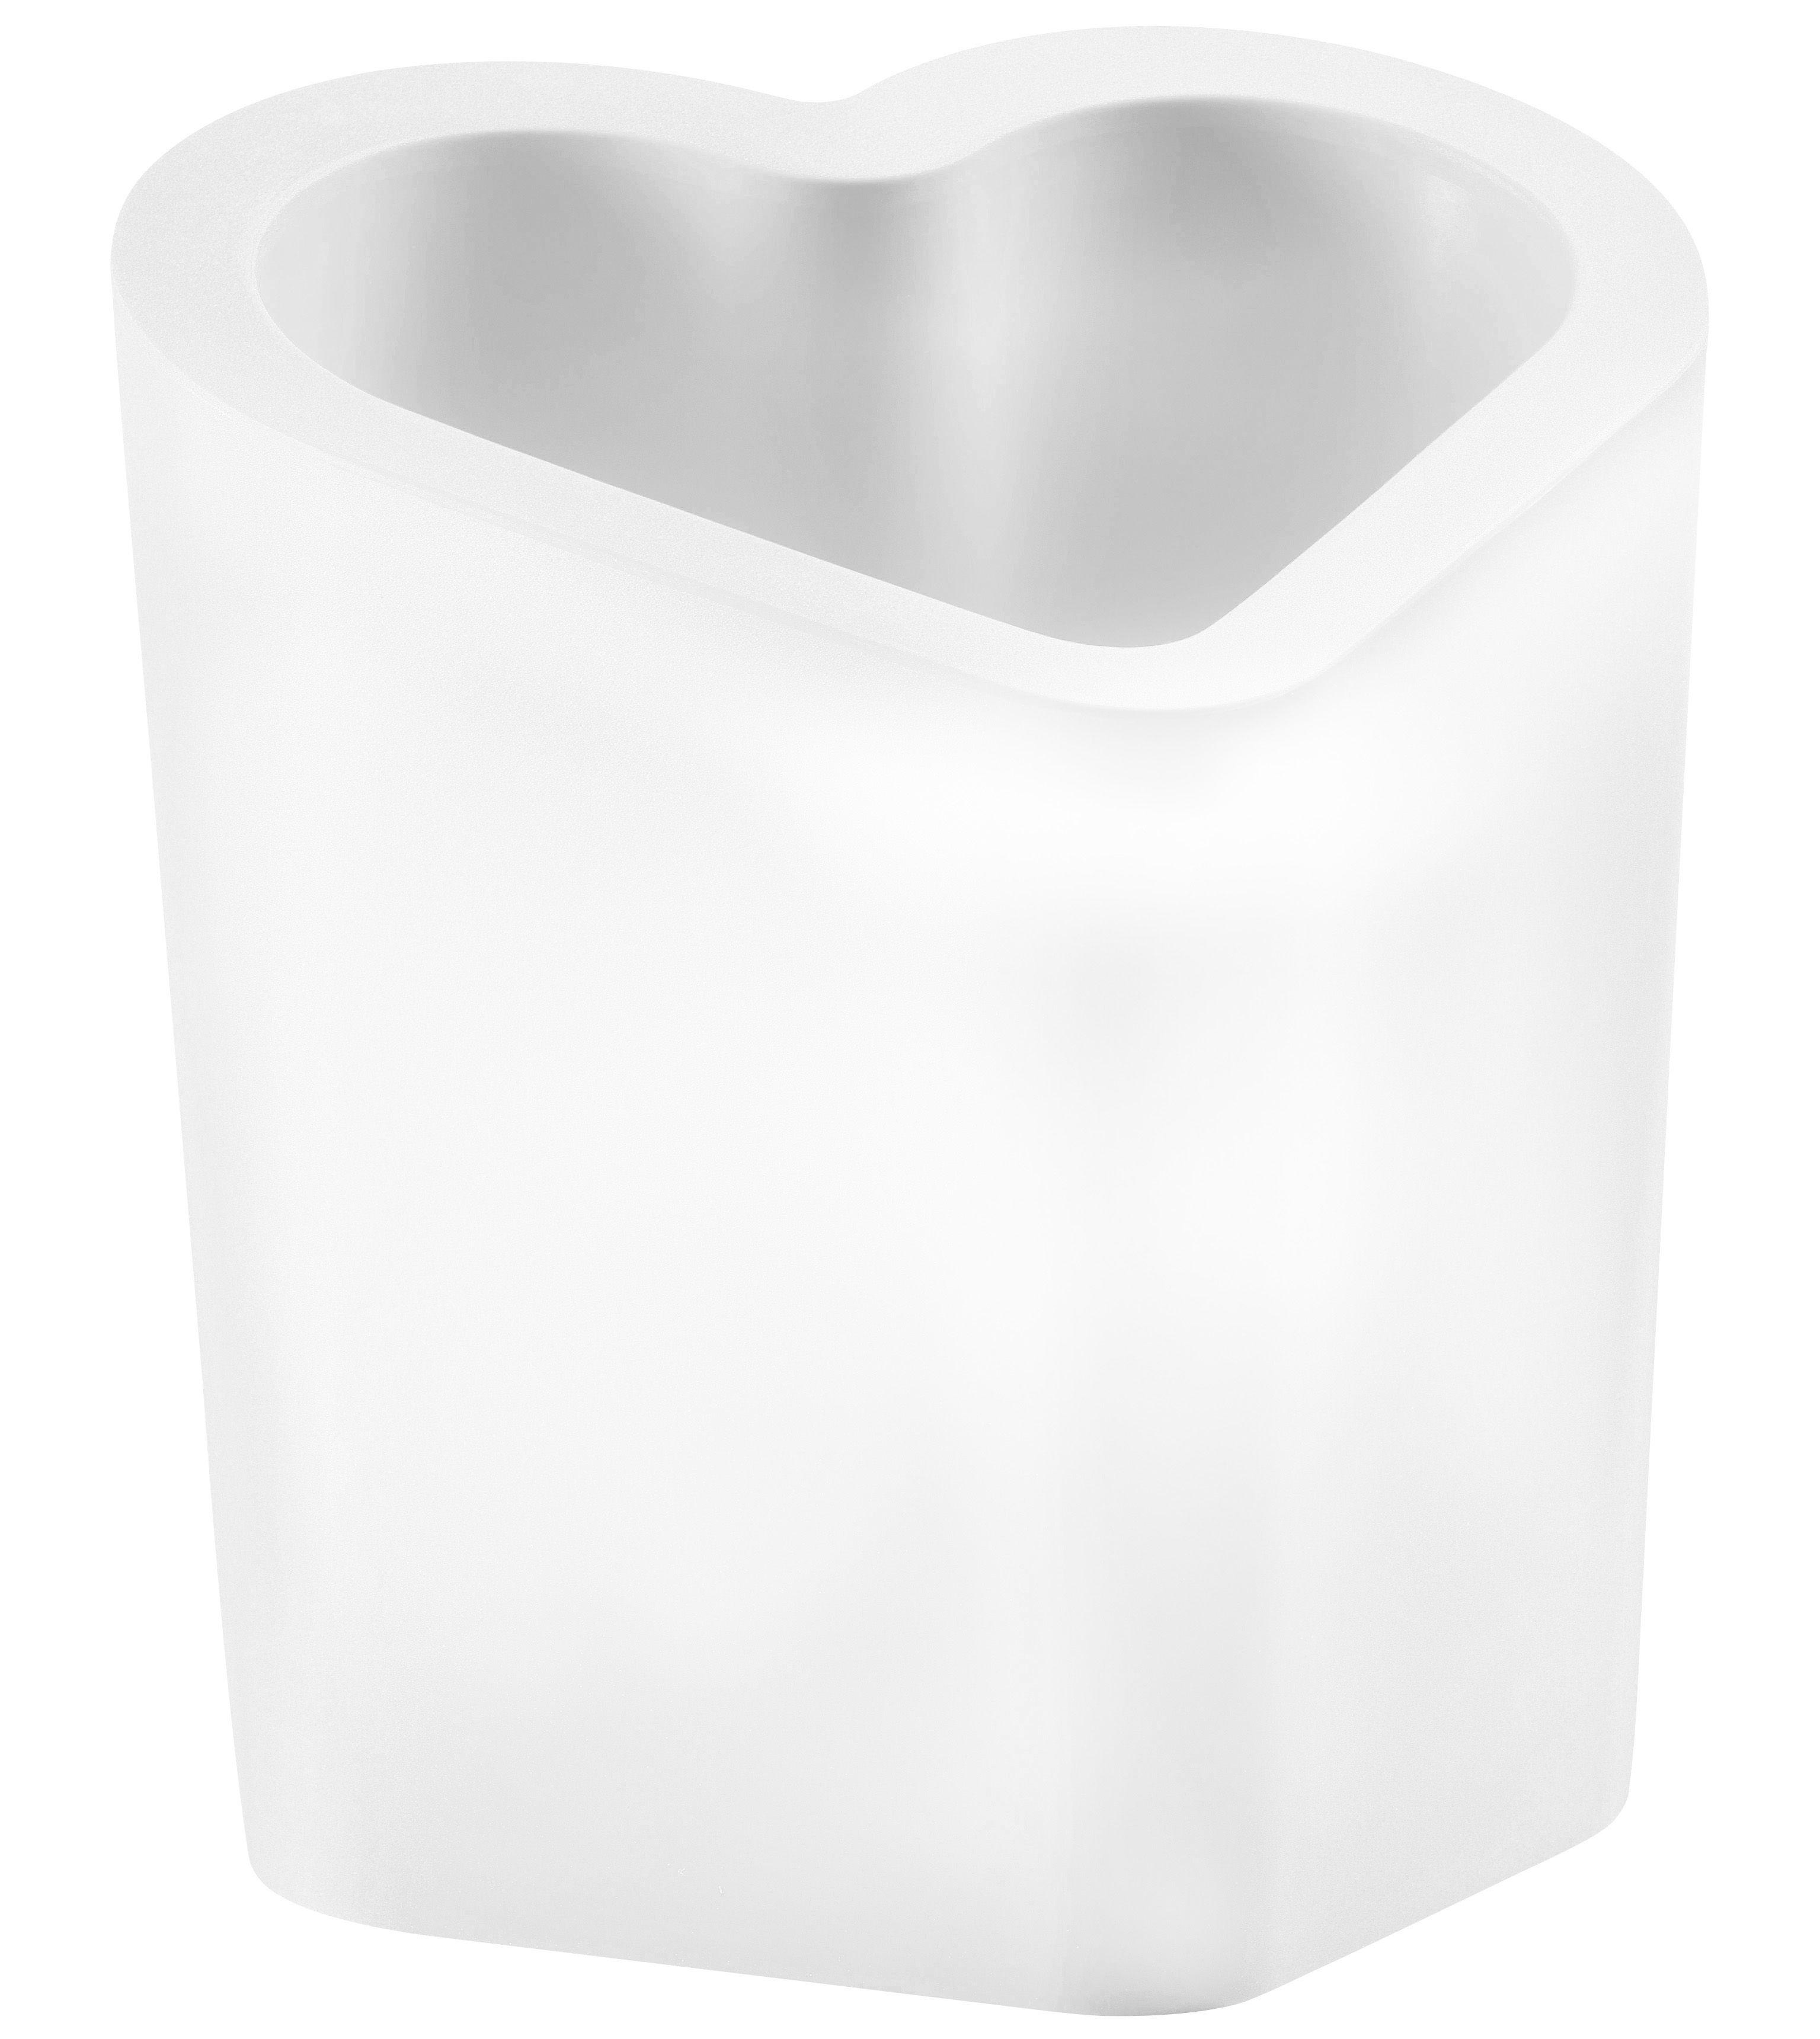 Arredamento - Mobili luminosi - Porta bottiglie luminoso Mon Amour di Slide - Bianco- Esterno - Polietilene